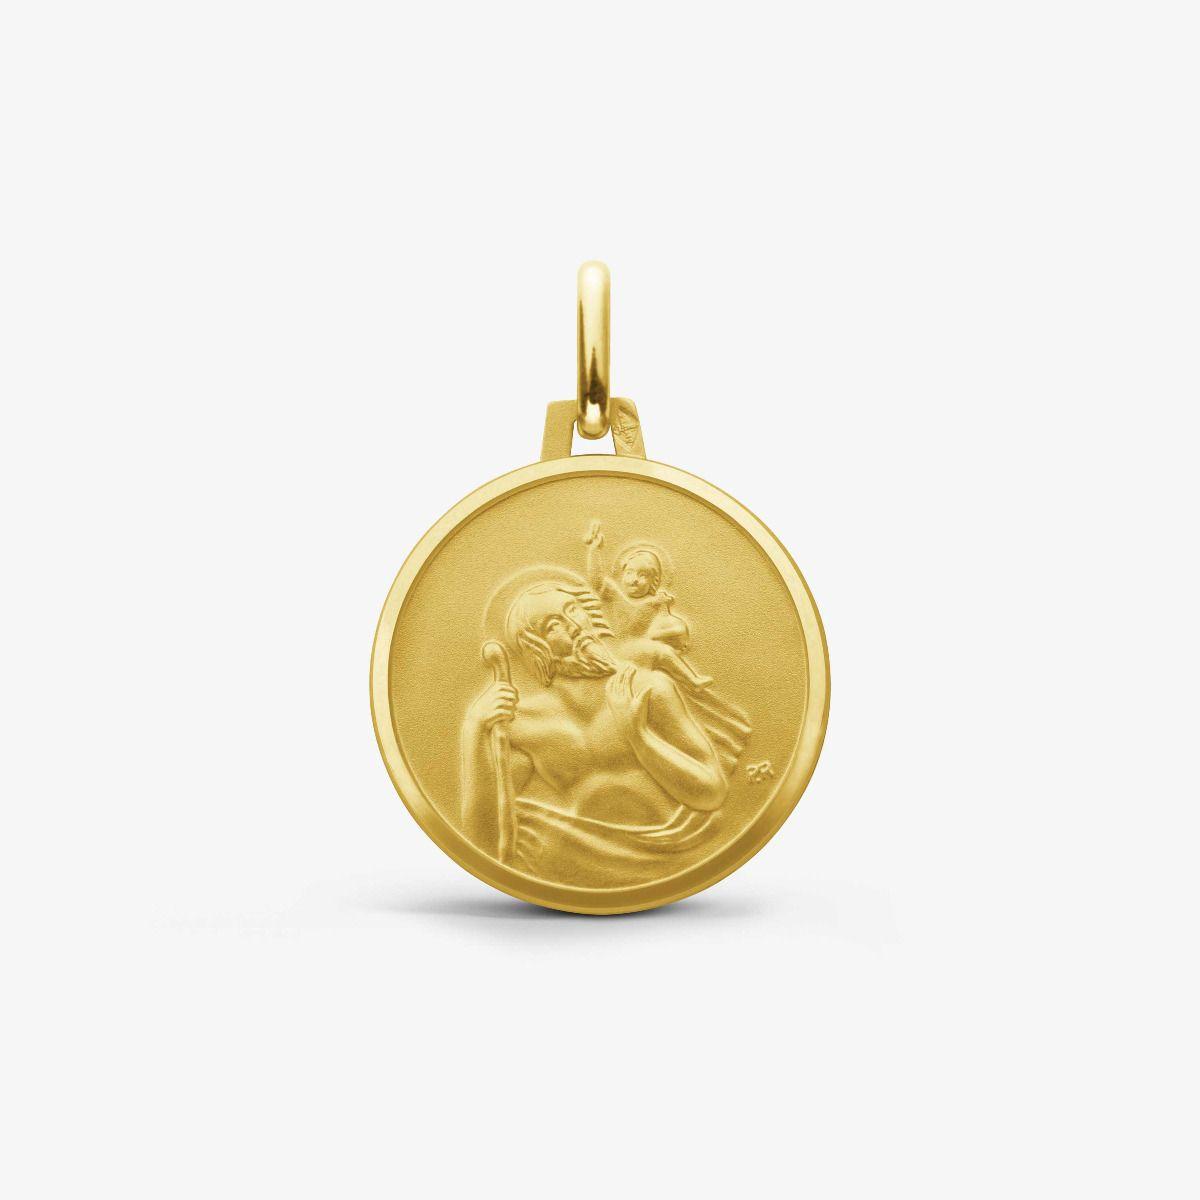 Médaille Saint Christophe Or Jaune 9 carats - 16 mm